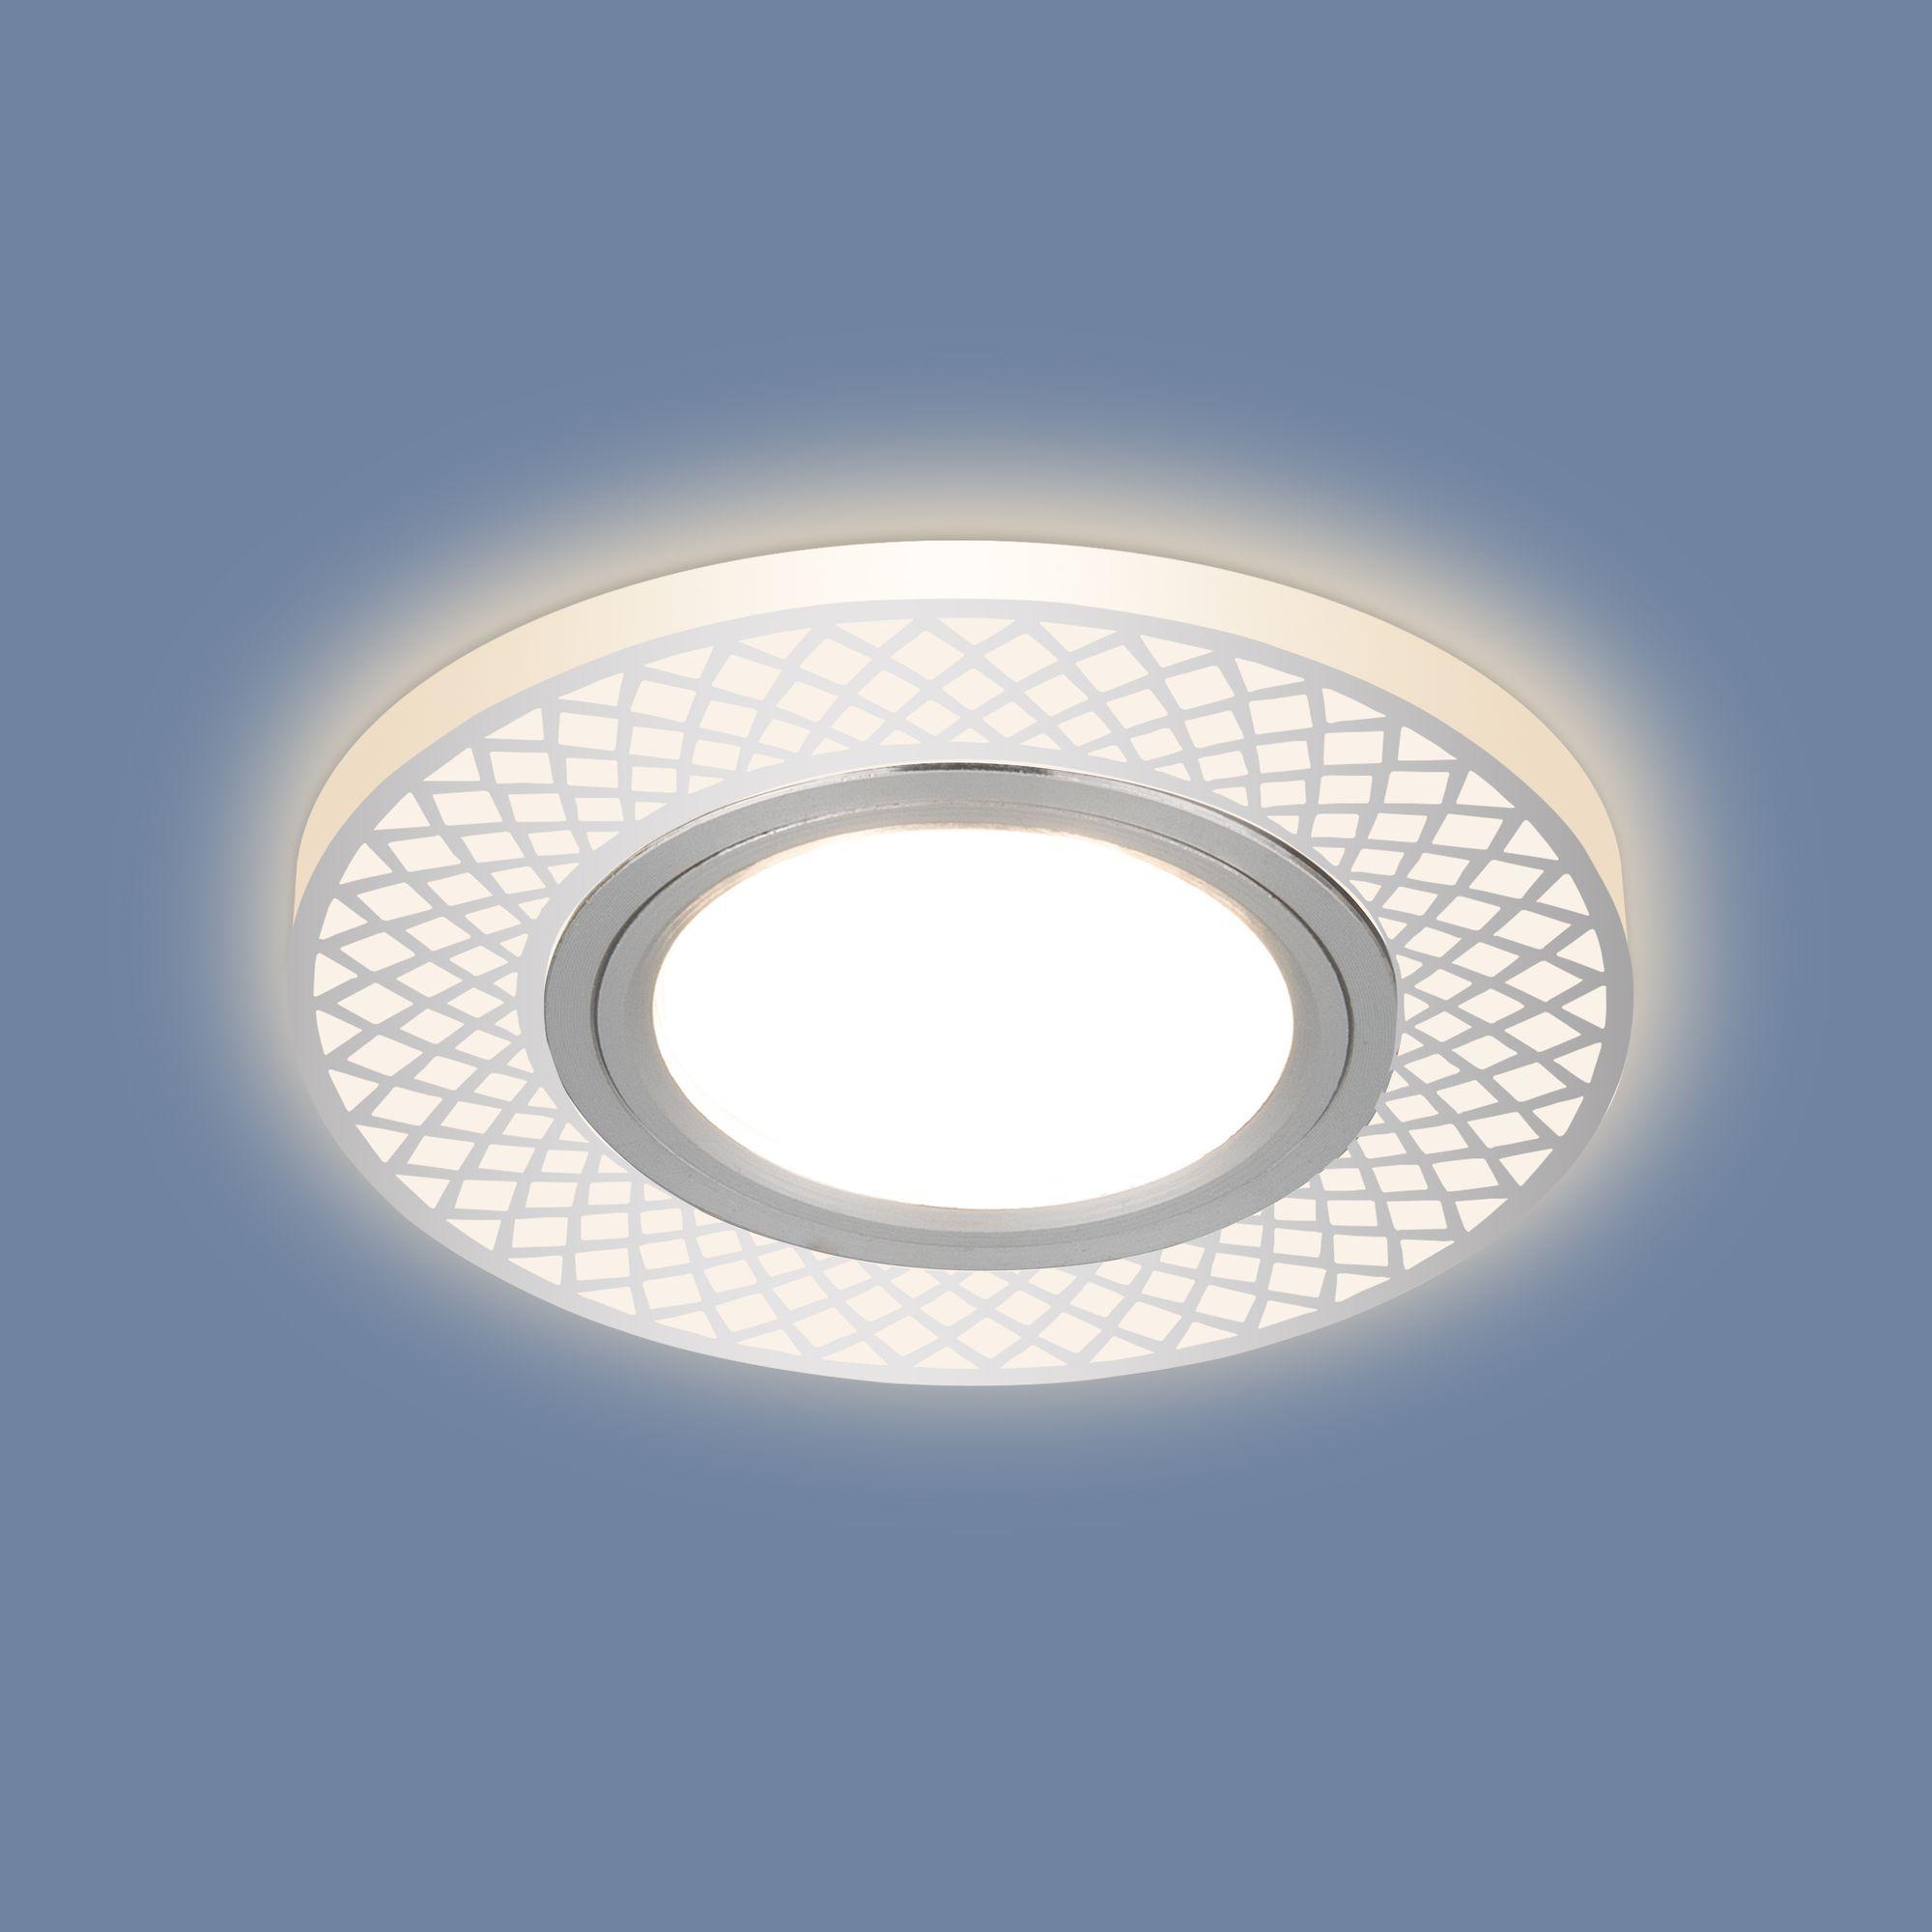 Встраиваемый точечный светильник со светодиодной подсветкой 2232 MR16